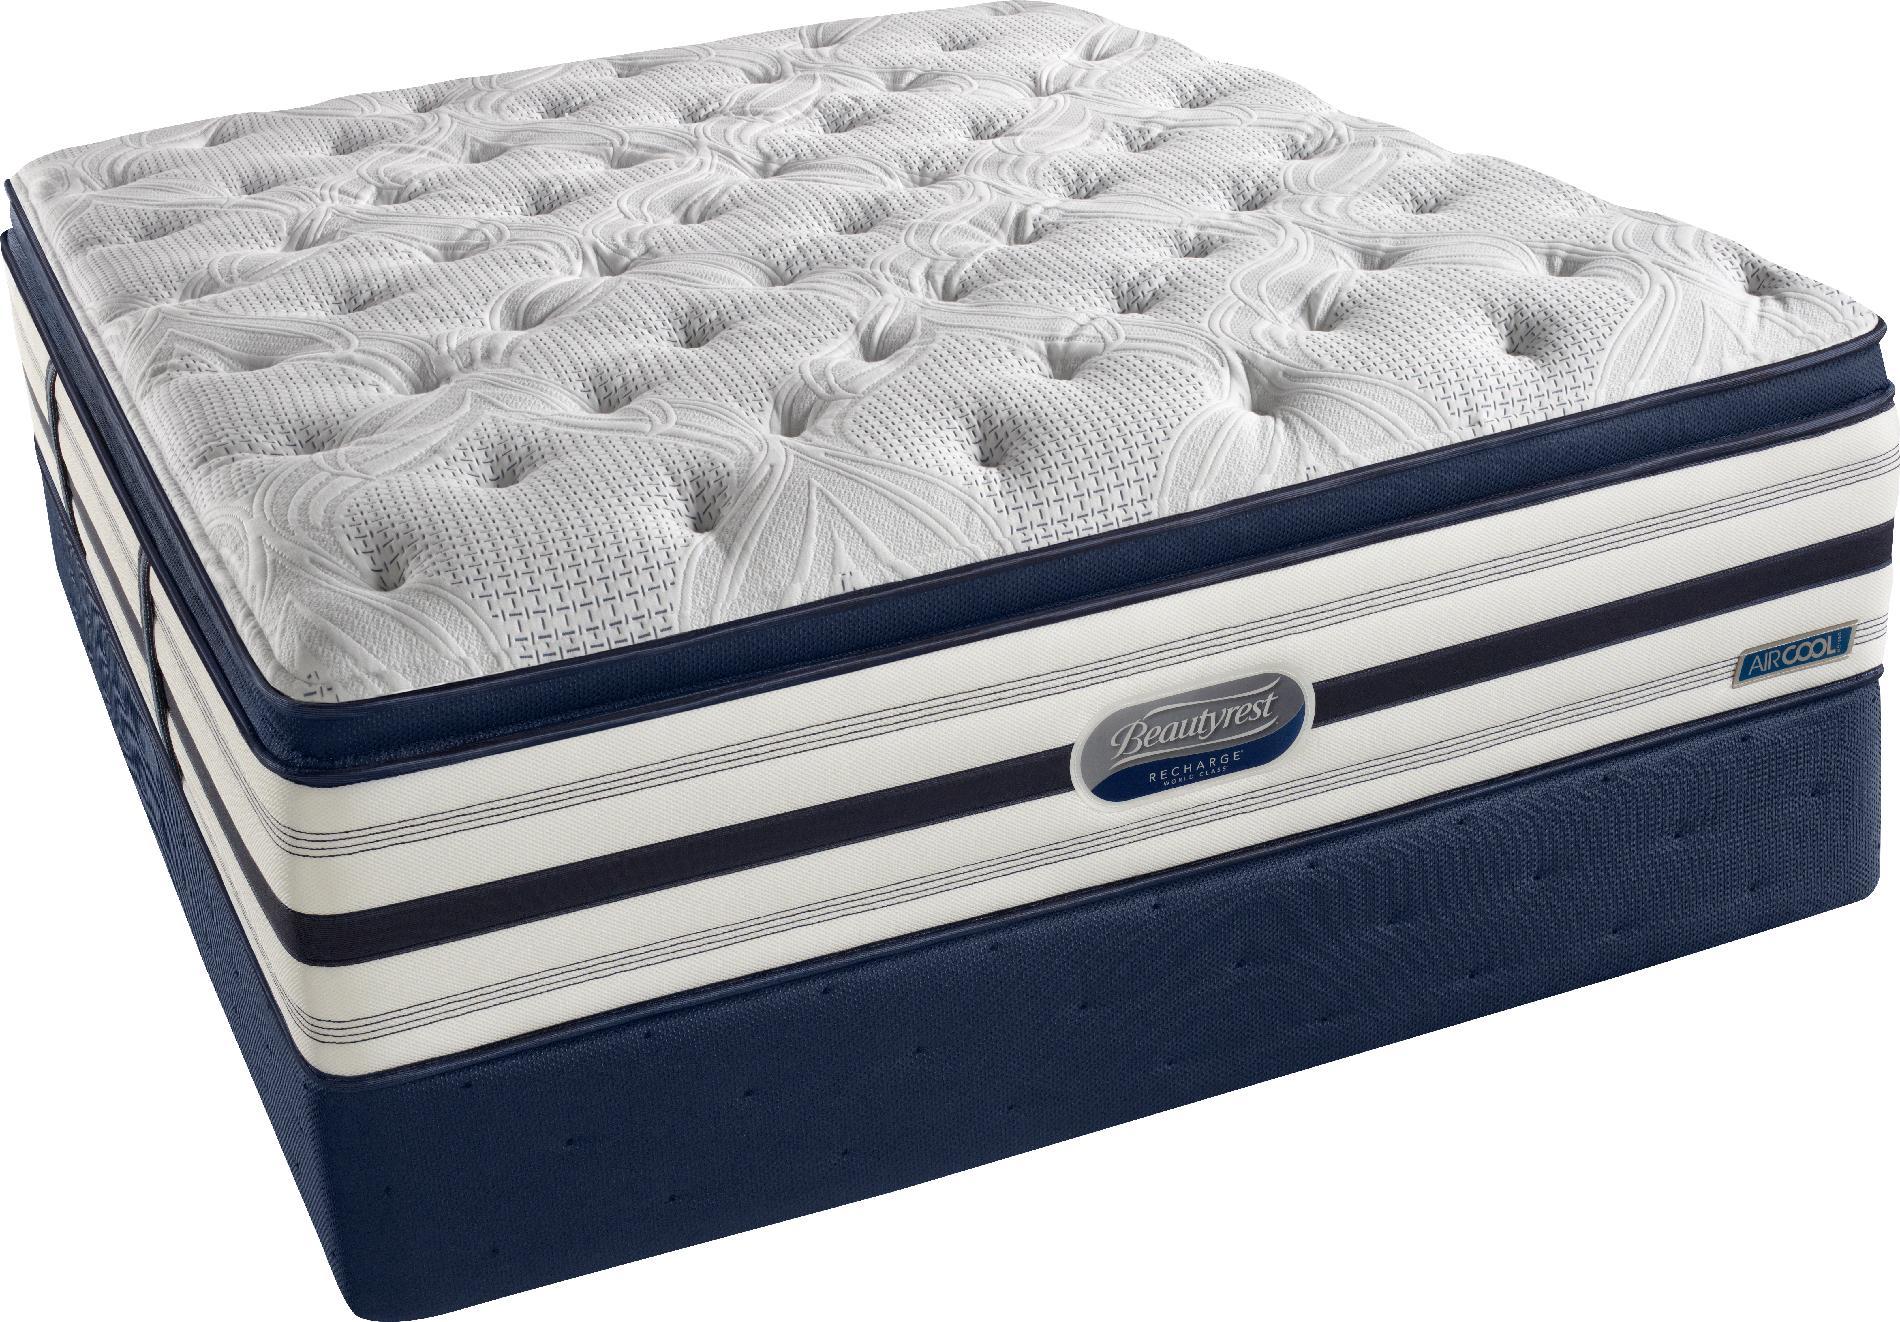 Beautyrest World Class Bford Ii Firm Pillowtop Twin Xl Mattress Only